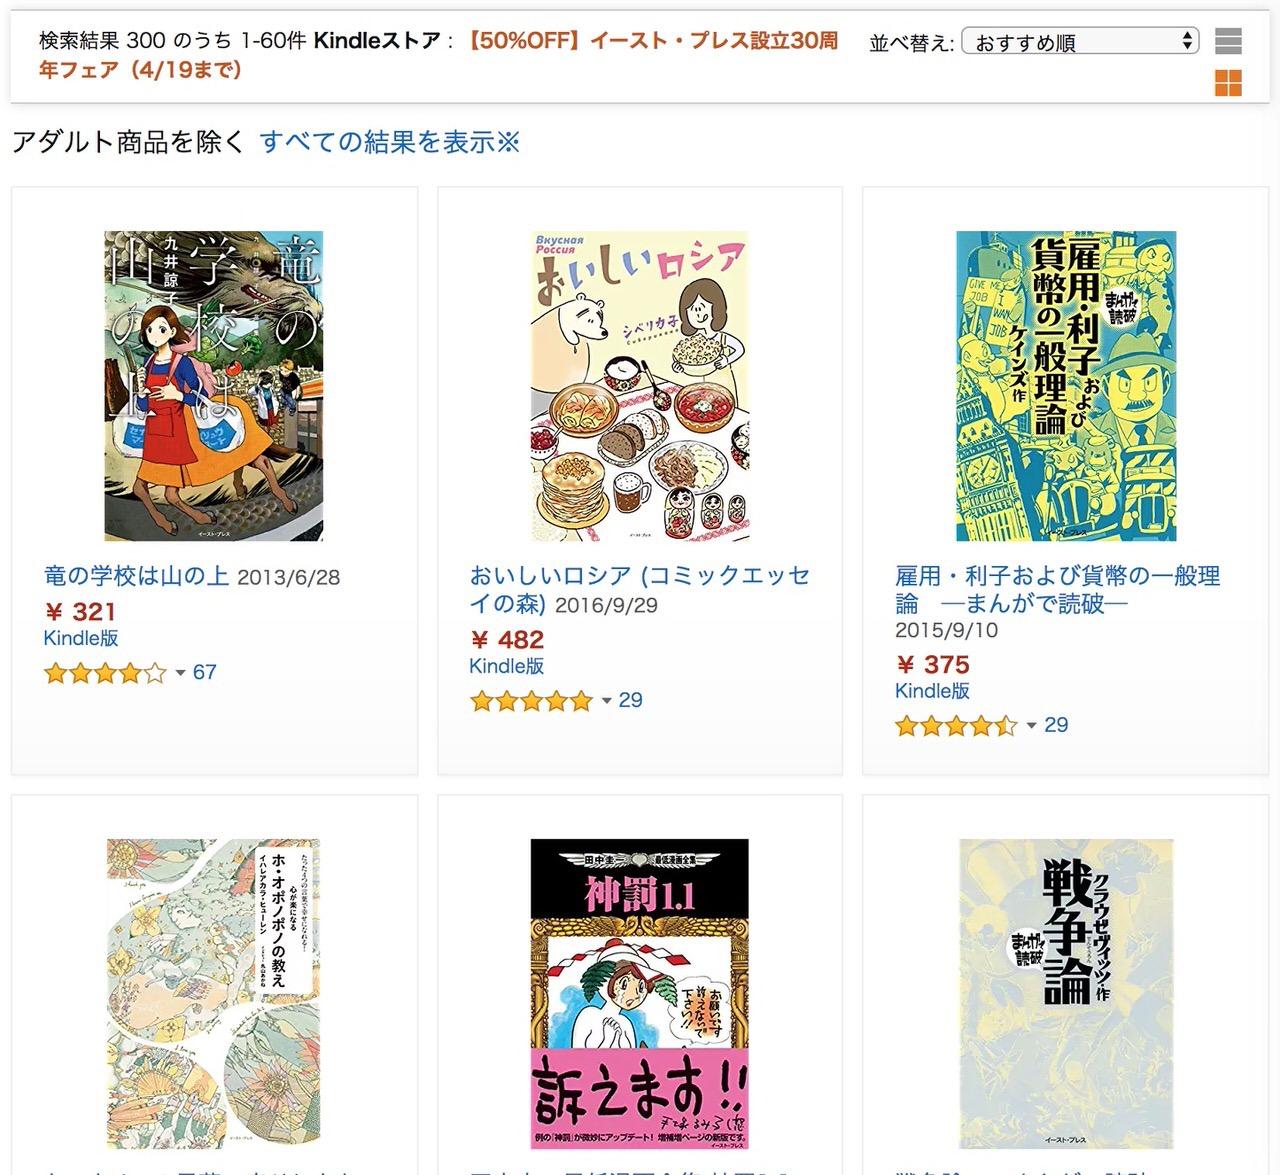 【Kindleセール】50%OFF「イースト・プレス設立30周年フェア」開催中(4/19まで)